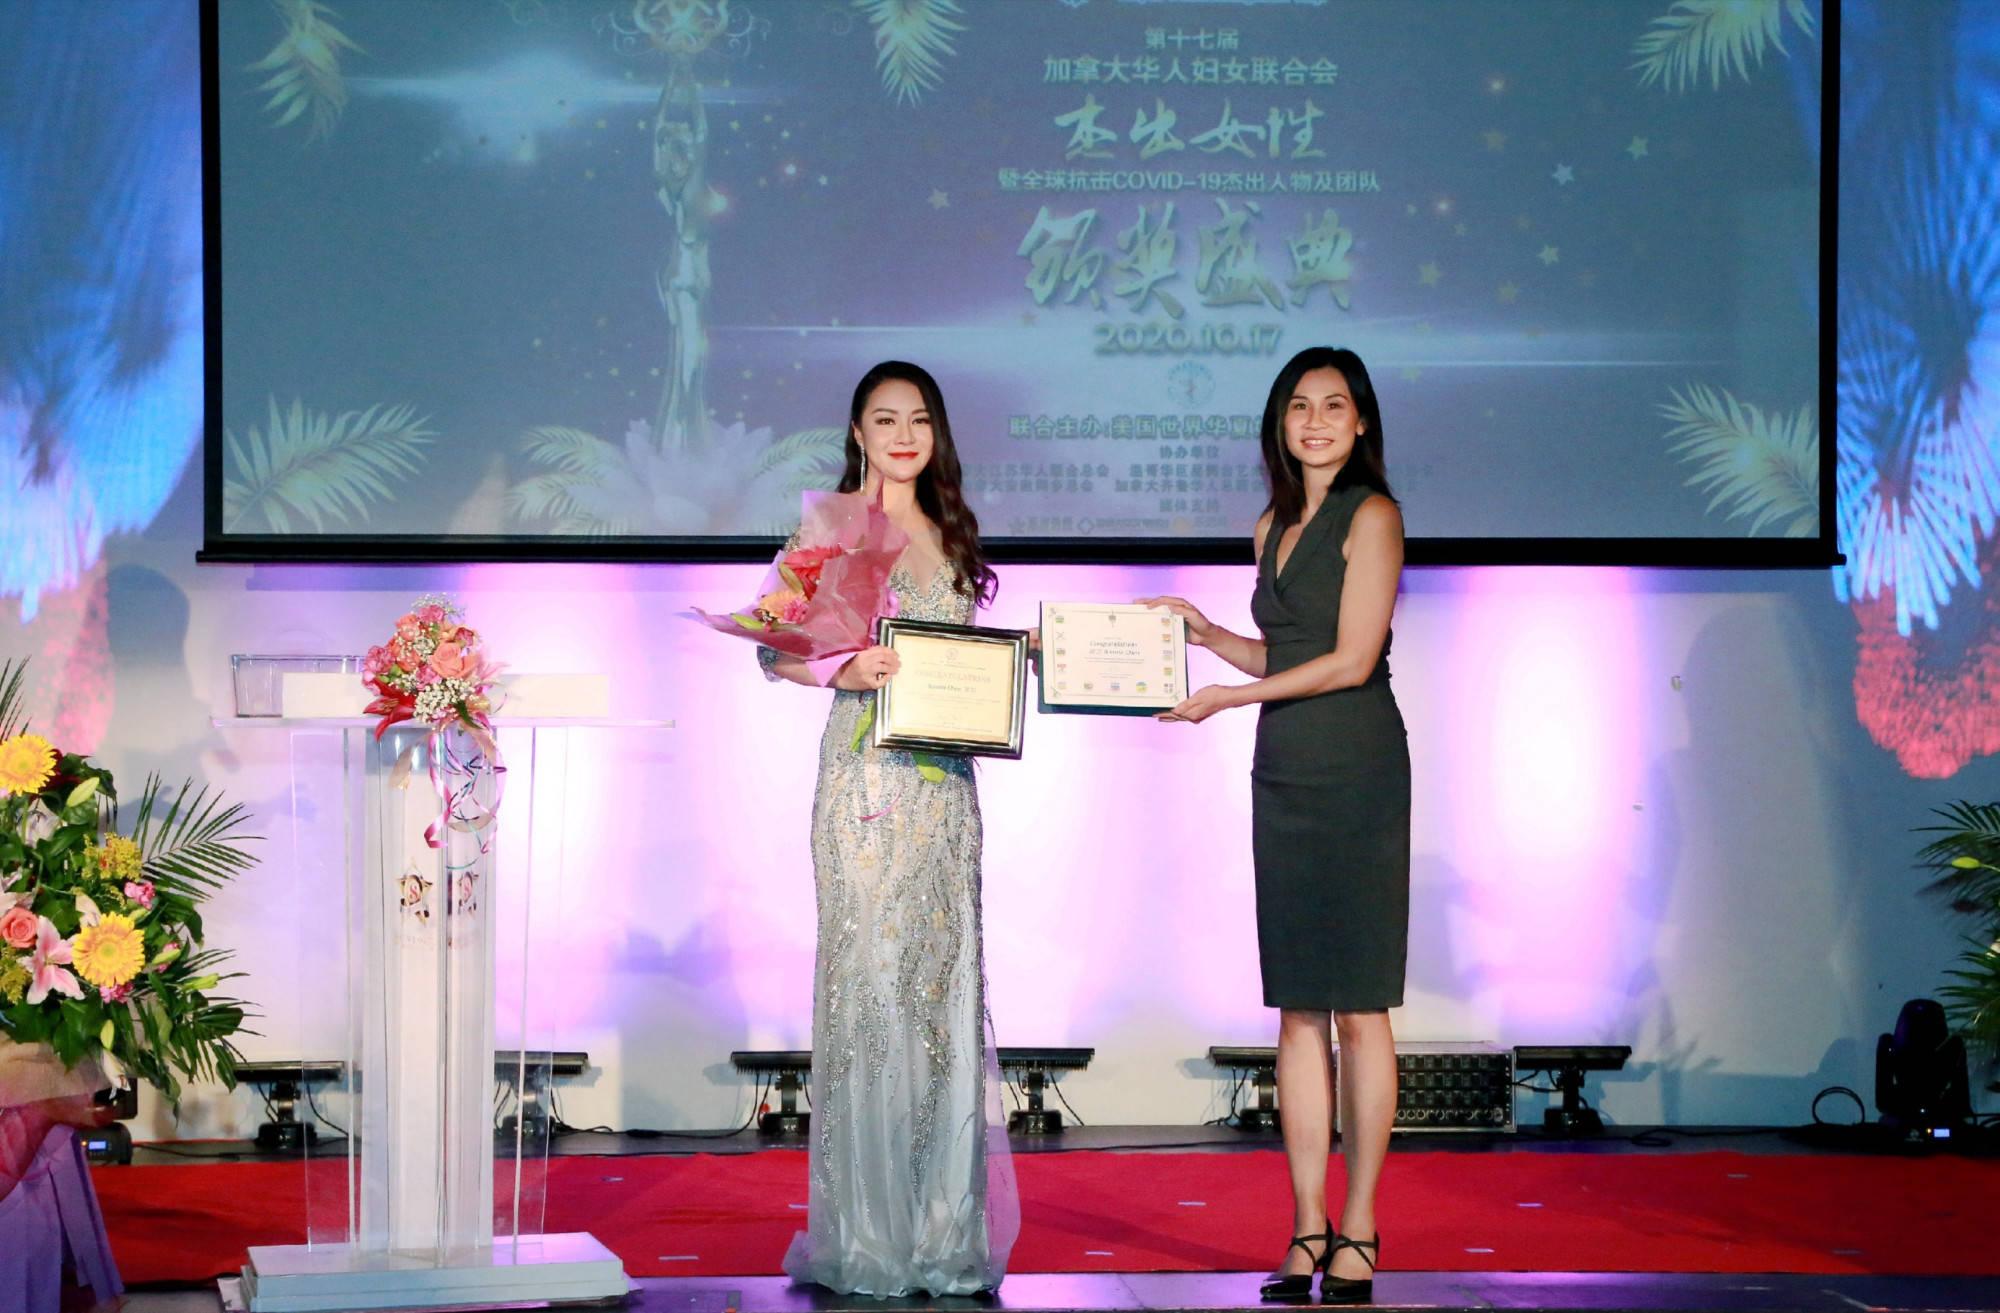 五洲小姐冠軍:Bonnie陳蕓榮獲杰出女性表彰